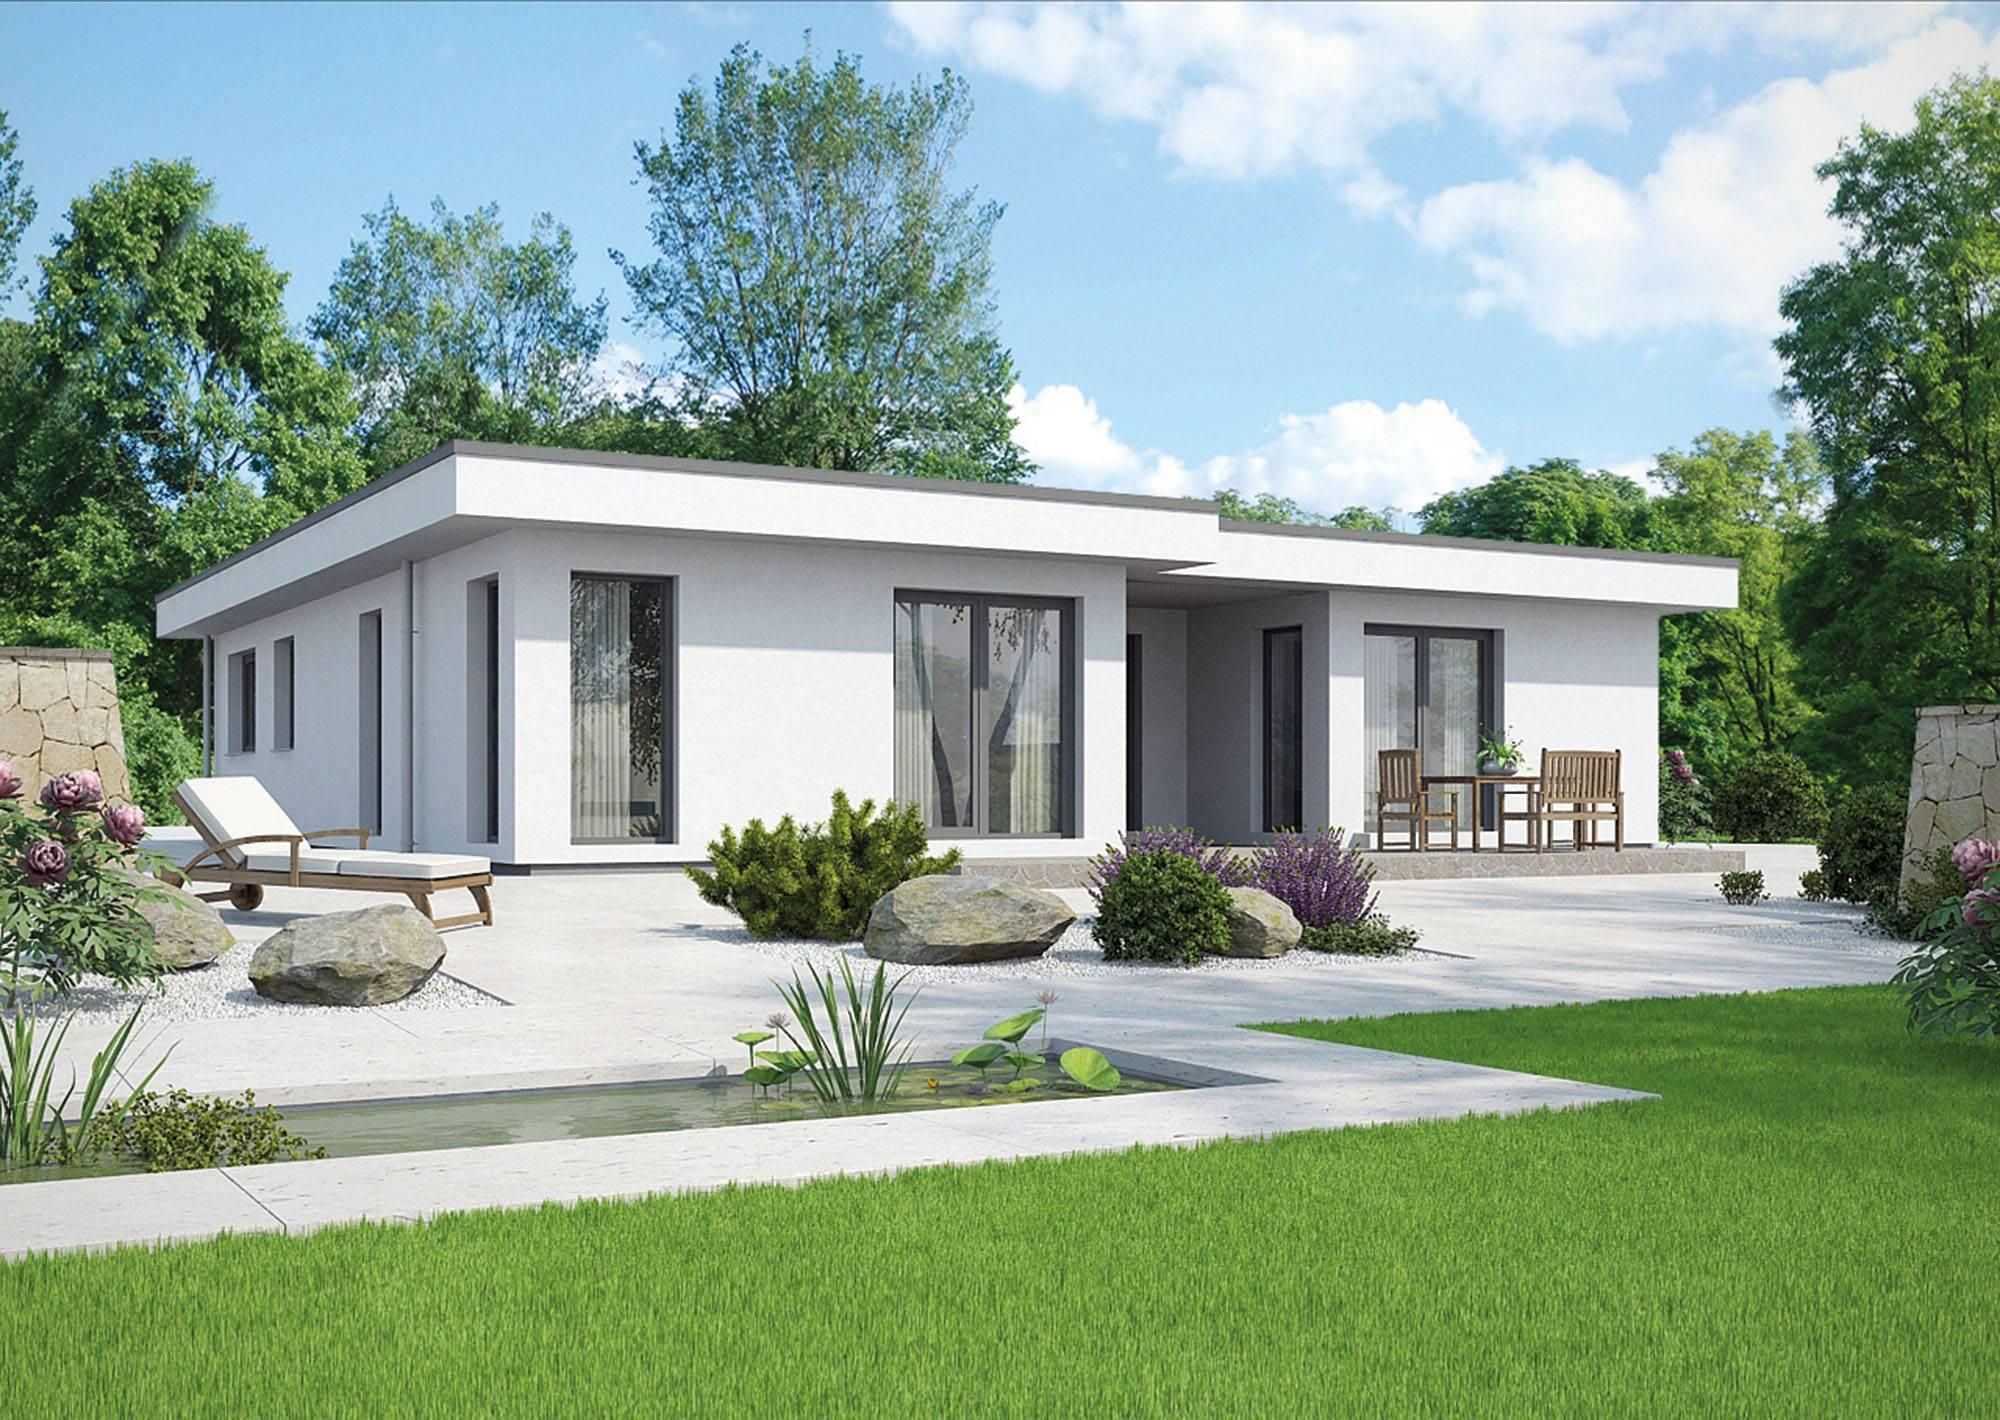 Haus Modern Flachdach